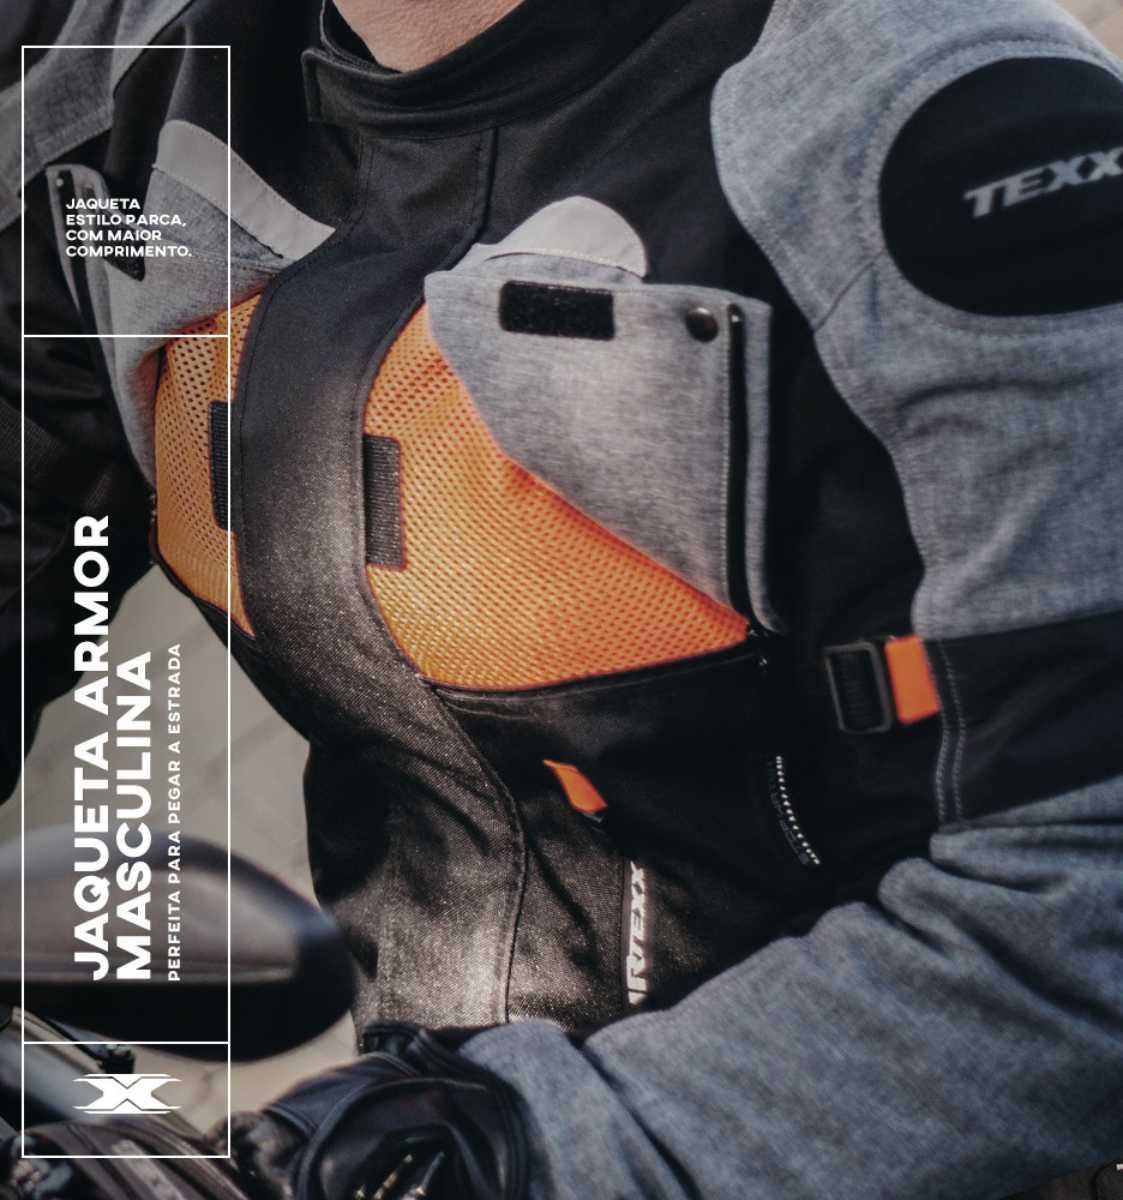 JAQUETA DE MOTOQUEIRO TEXX ARMOR PARKA BIG TRAIL IMPERMEÁVEL MOTOCICLISTA 3G + PAR LUVA PROTEÇÕES